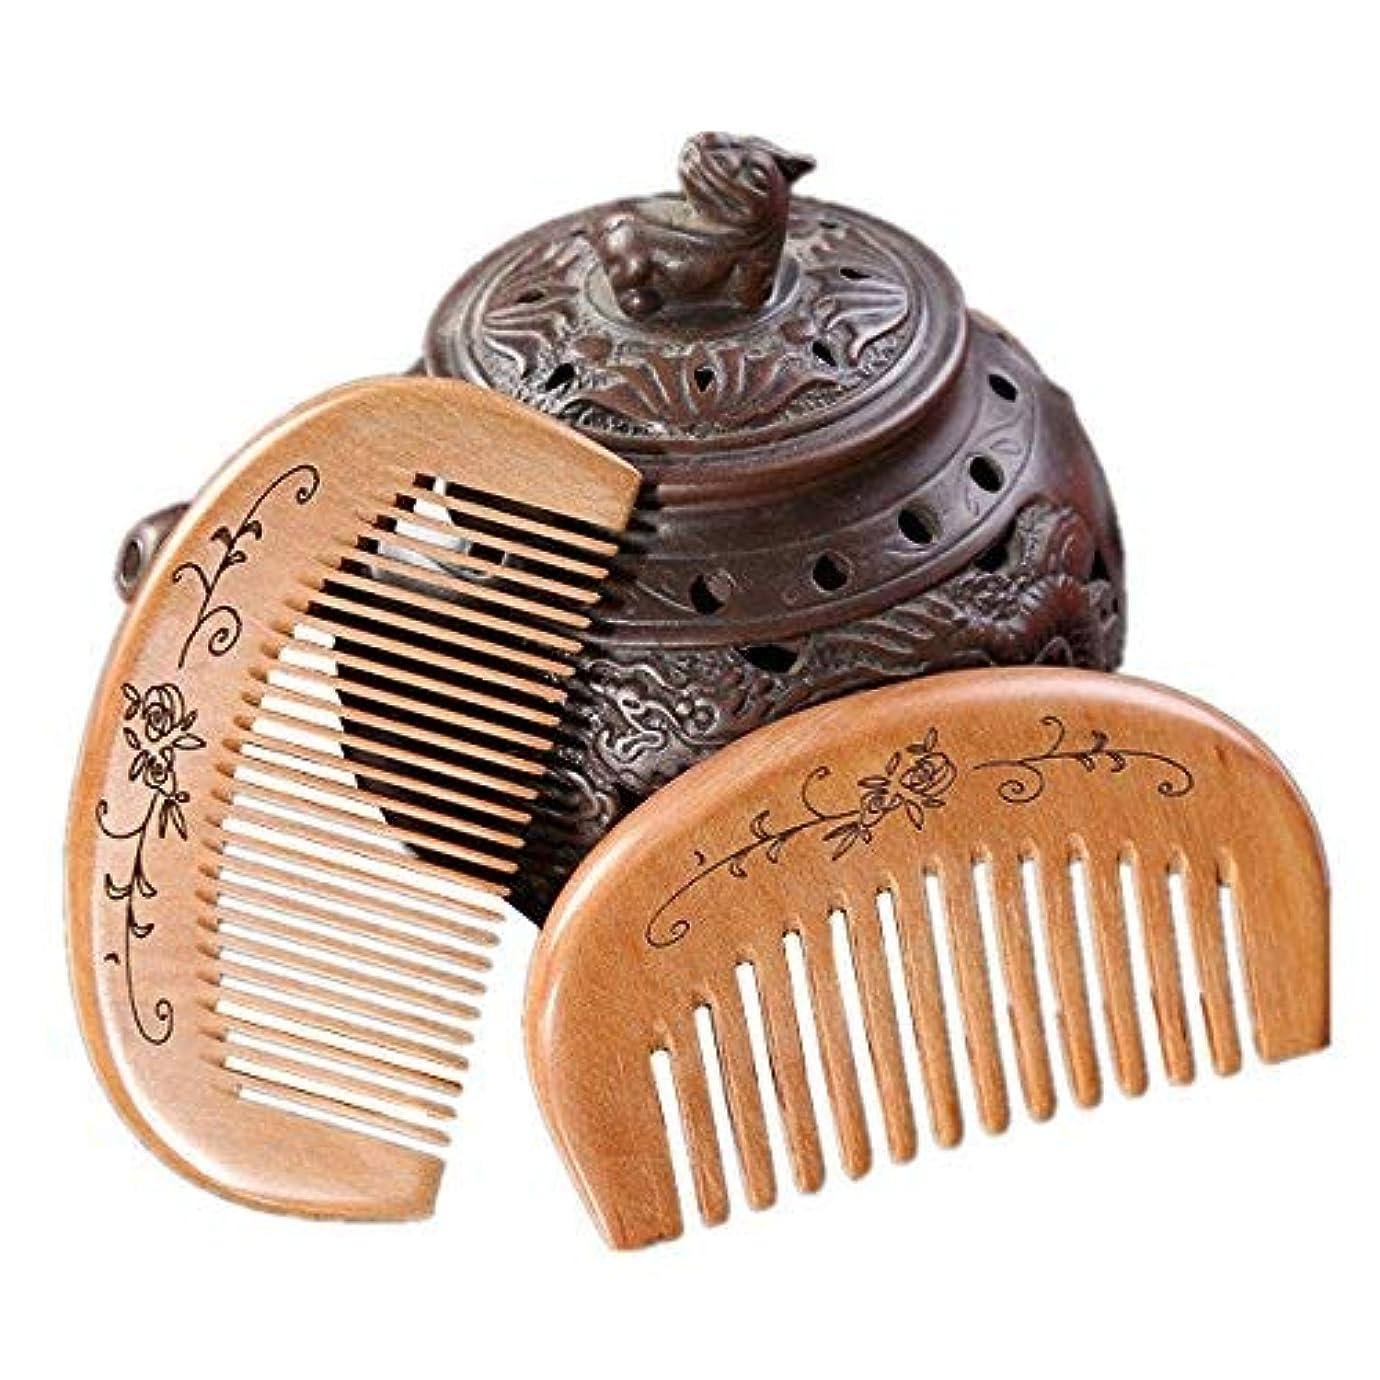 金銭的ジャーナル社交的XINFU Natural Peachwood Portable Mini Hair Comb 2-Pieces Anti Static Relieve Fatigue Massage Comb [並行輸入品]